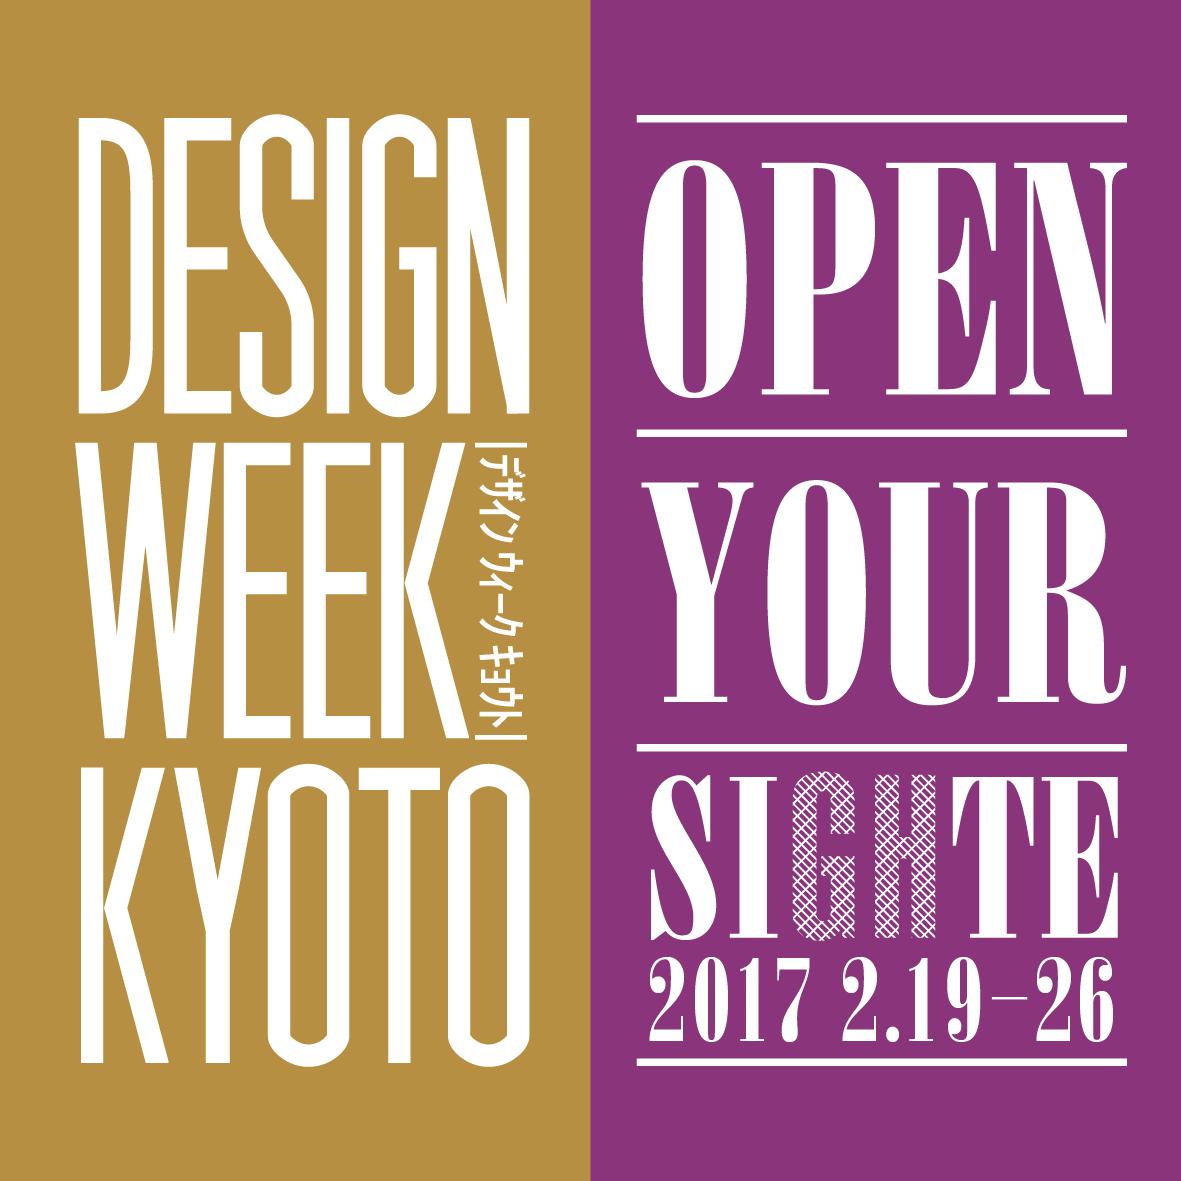 DESIGNWEEK KYOTO